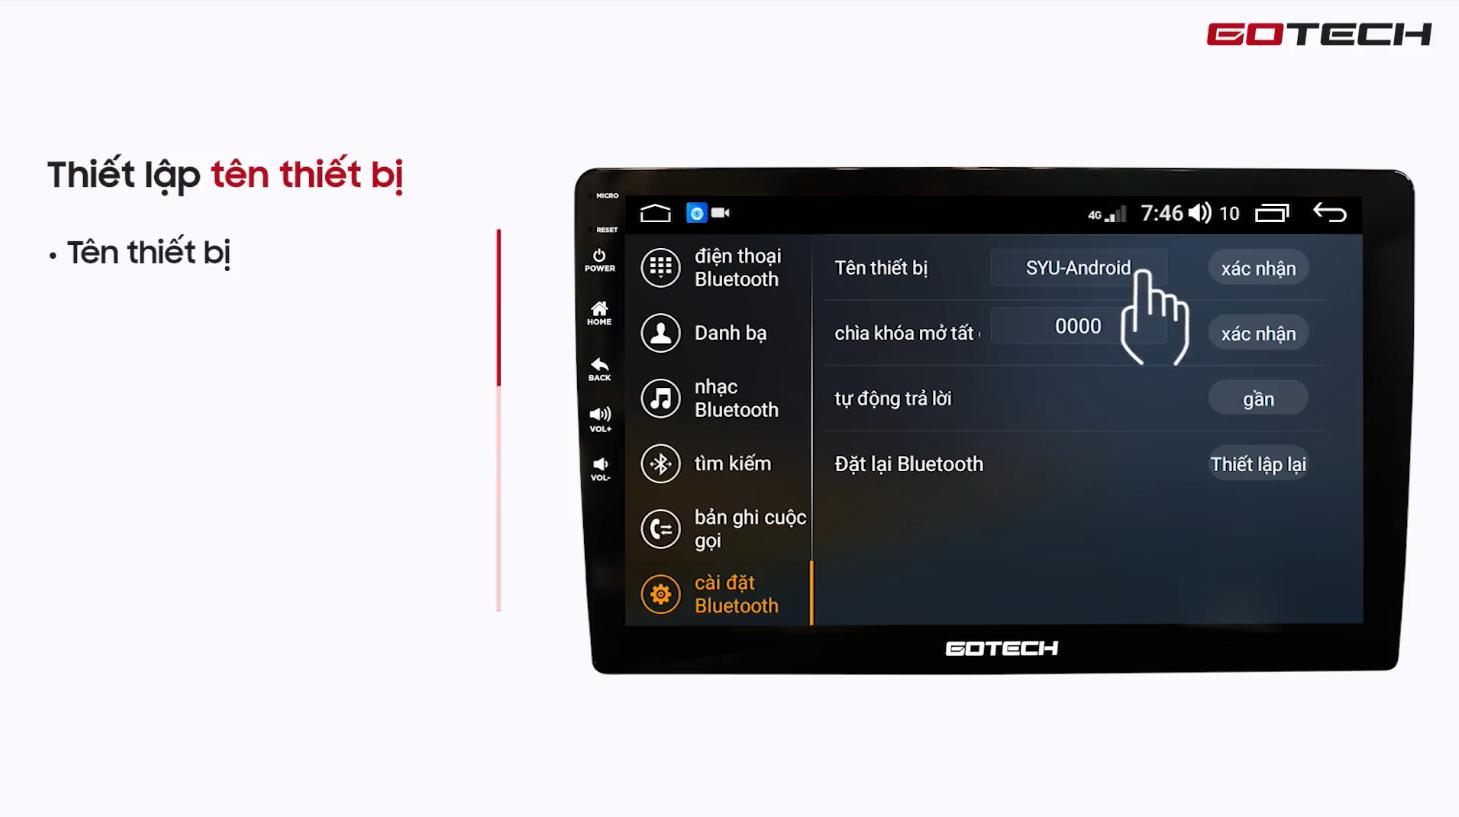 Hướng dẫn kết nối Bluetooth trên màn hình Gotech